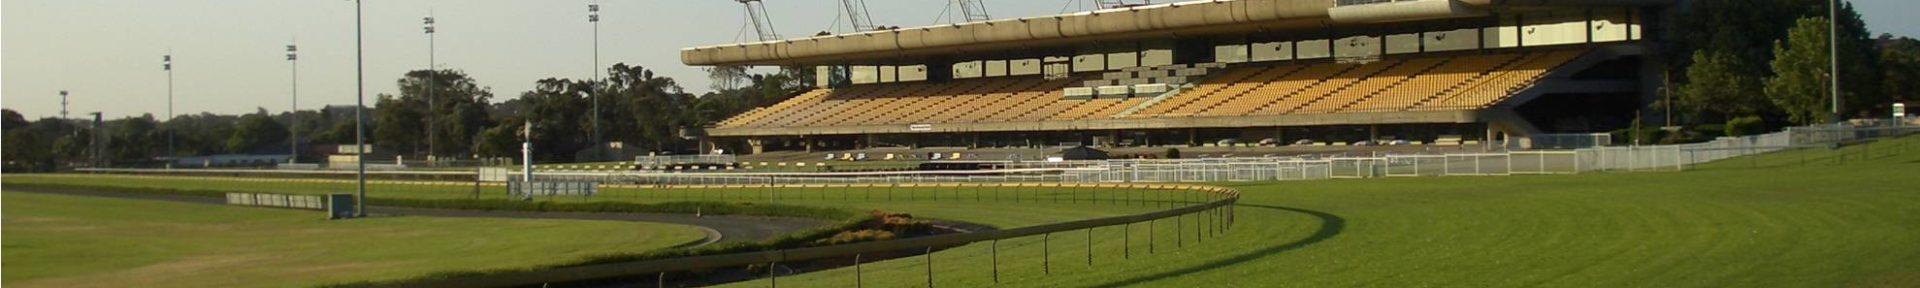 Canterbury racecourse action group